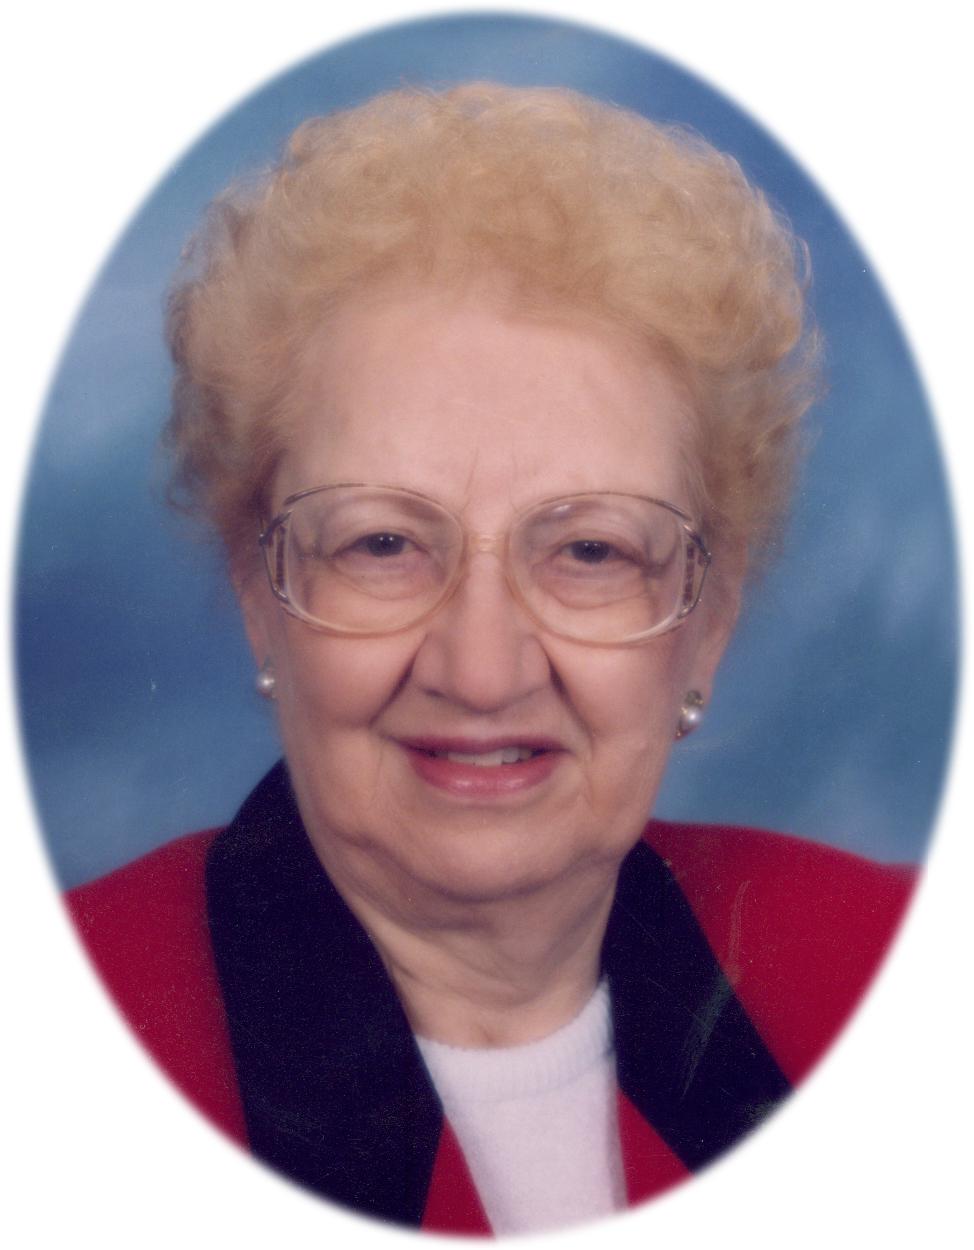 Janet J. Landgraf